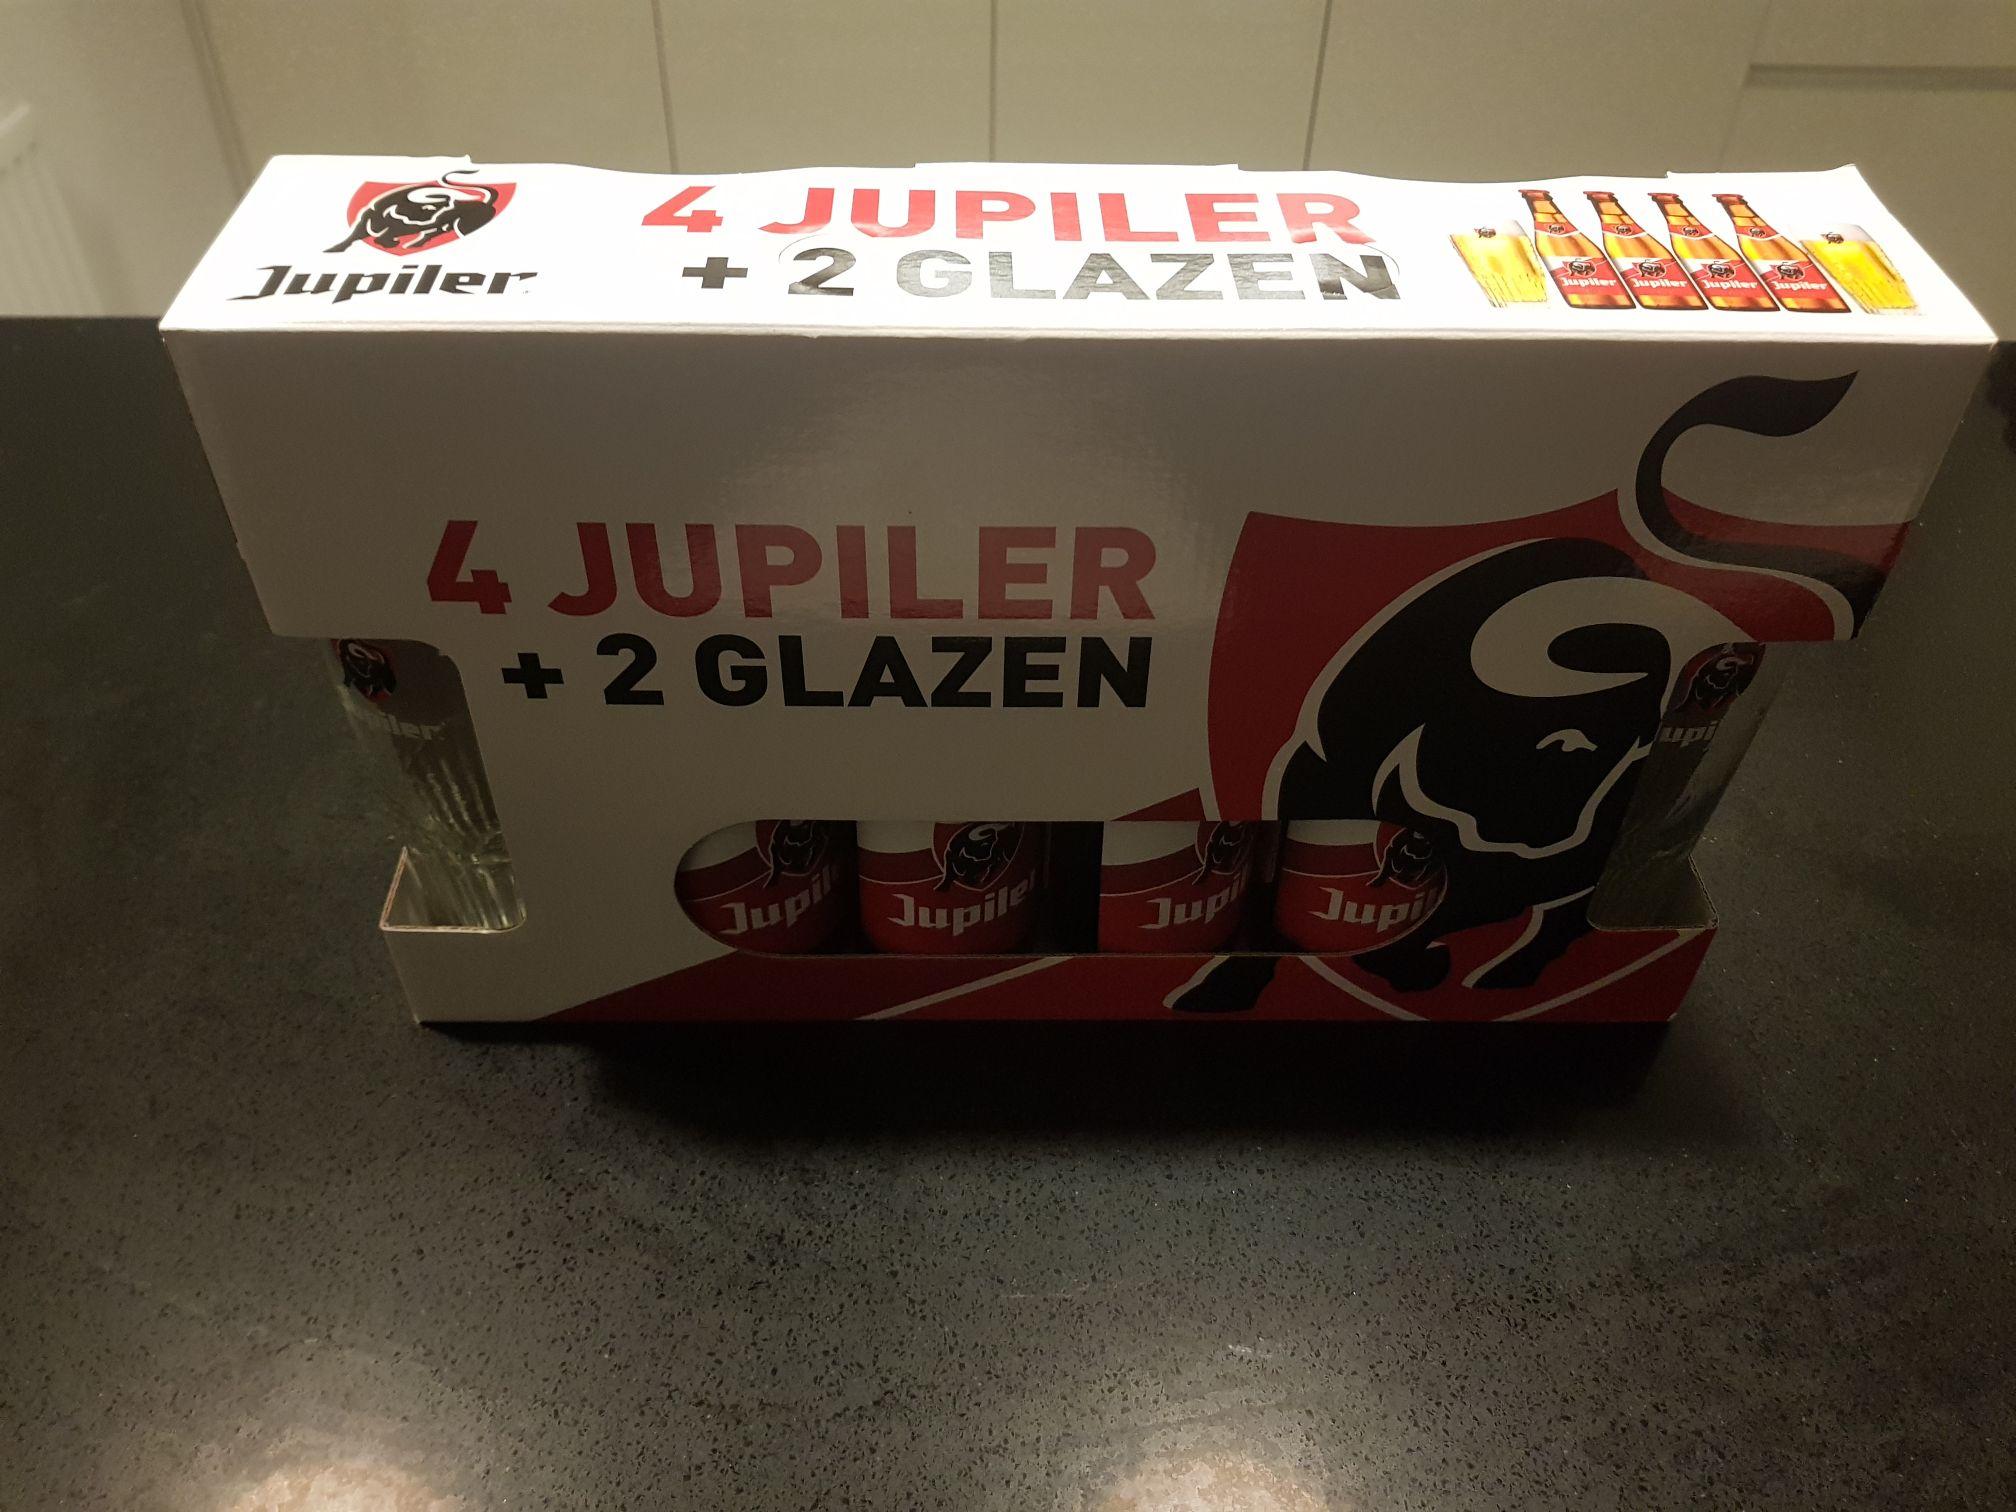 Jupiler 0,25cl 4+2glazen (pakket)